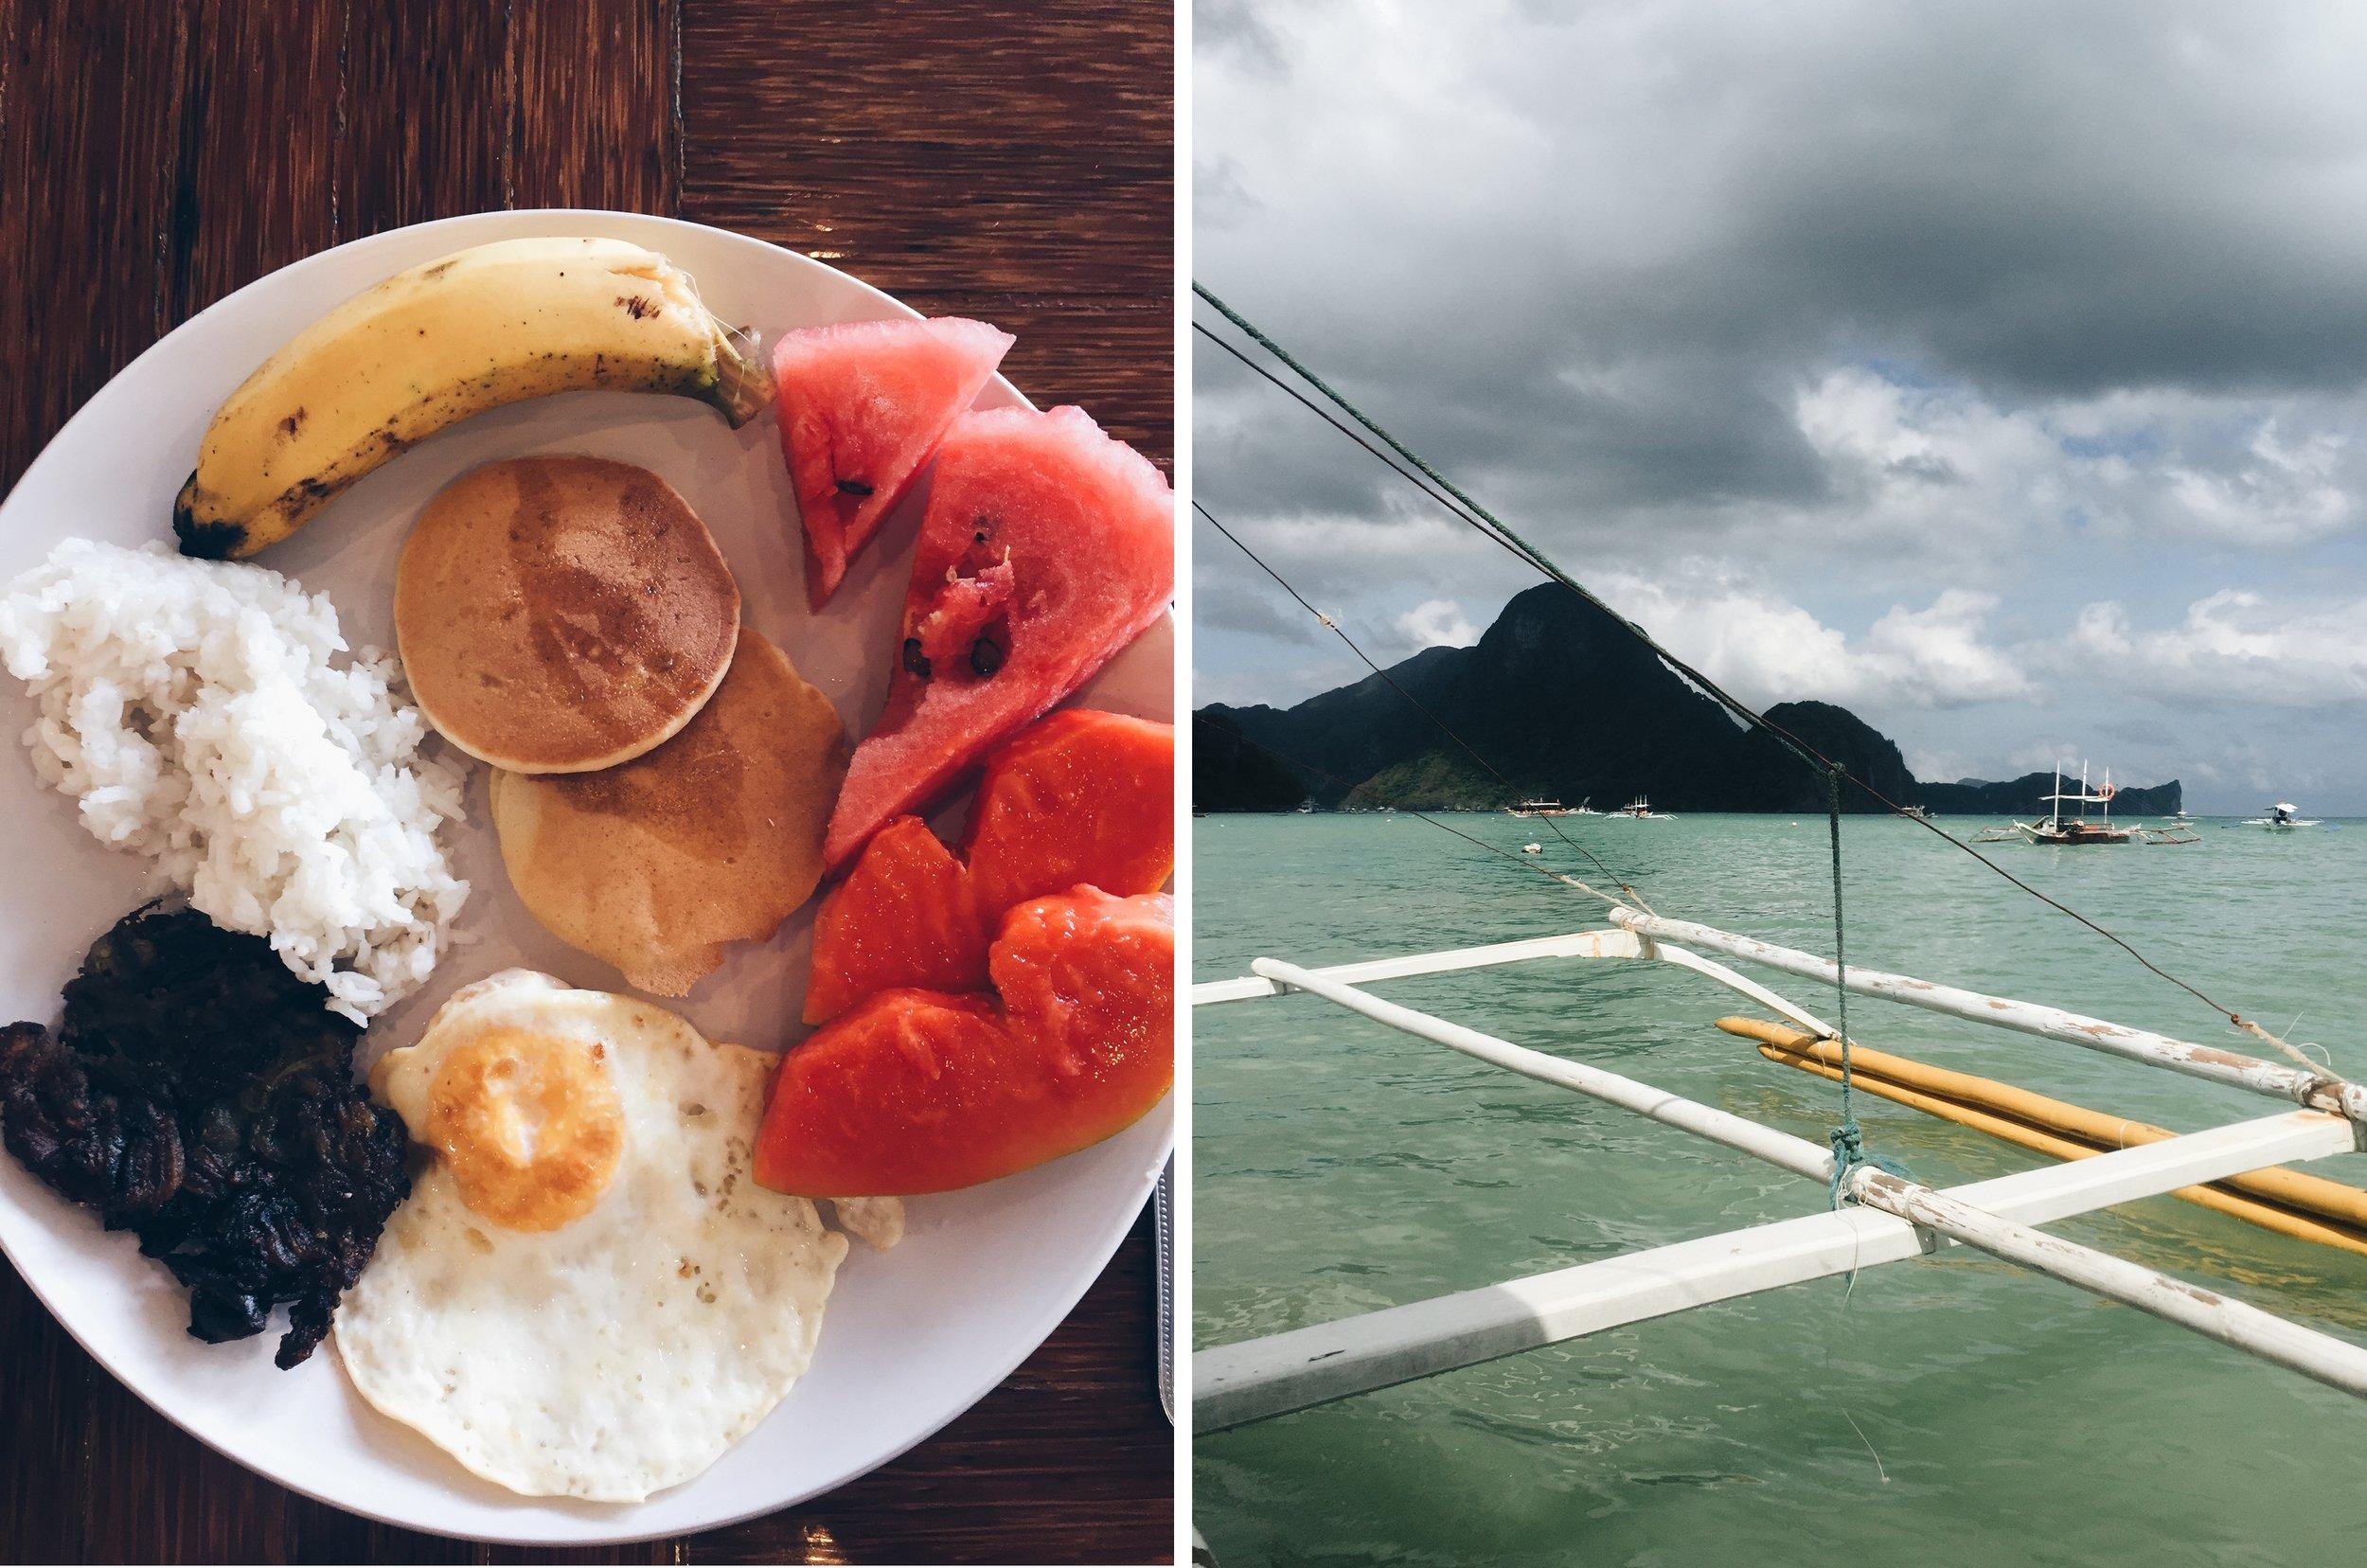 Palawan-el-nido-baie-de-bacuit-philippines-blog-voyage.jpg